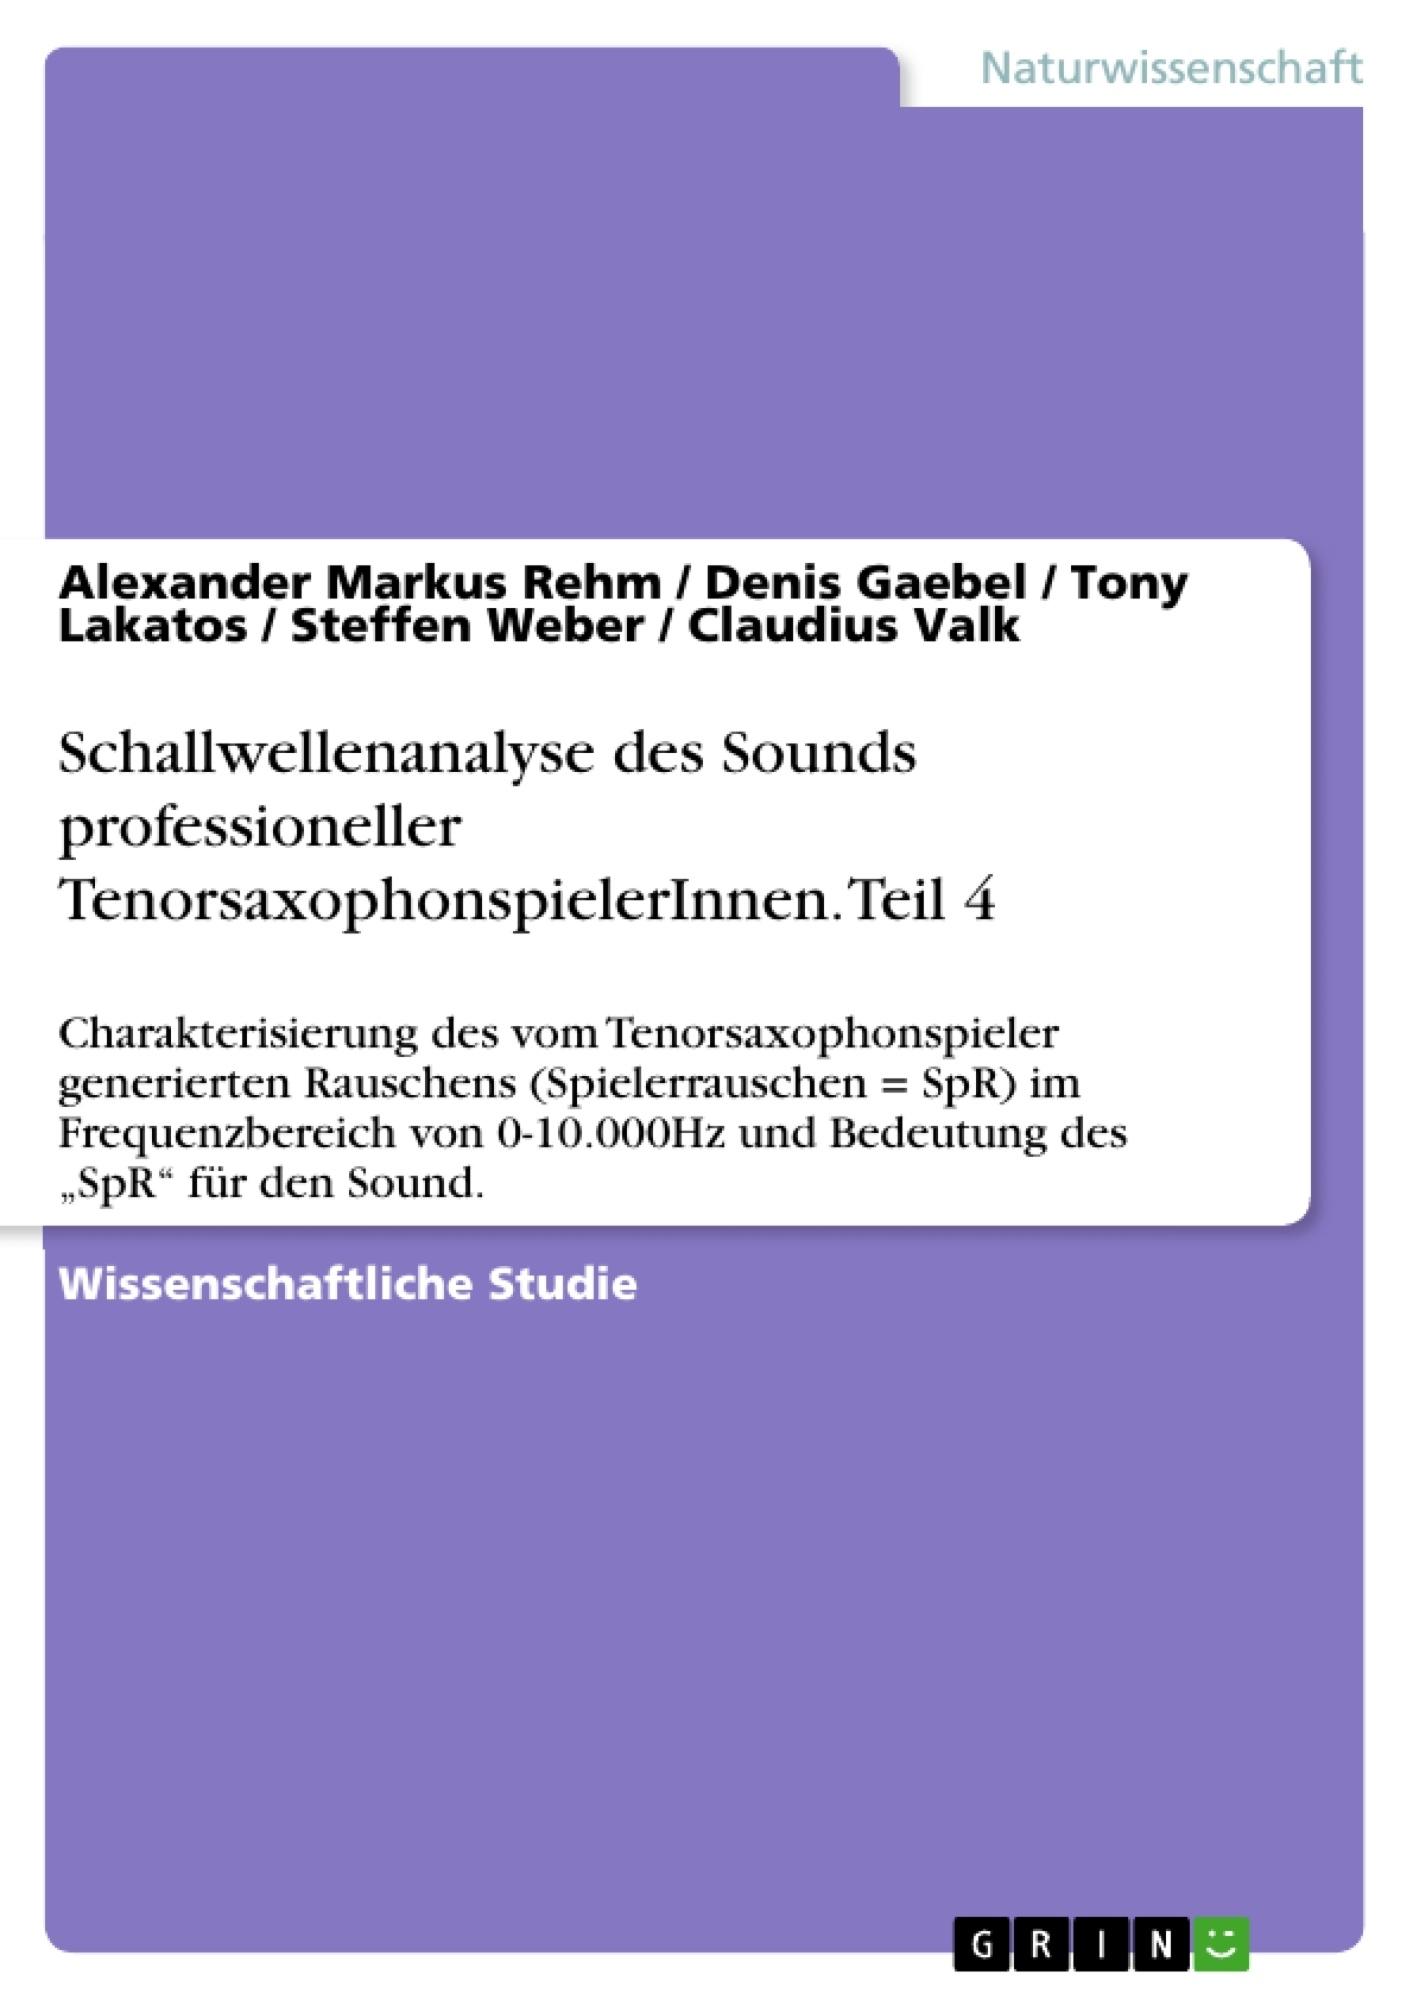 Titel: Schallwellenanalyse des Sounds professioneller TenorsaxophonspielerInnen. Teil 4